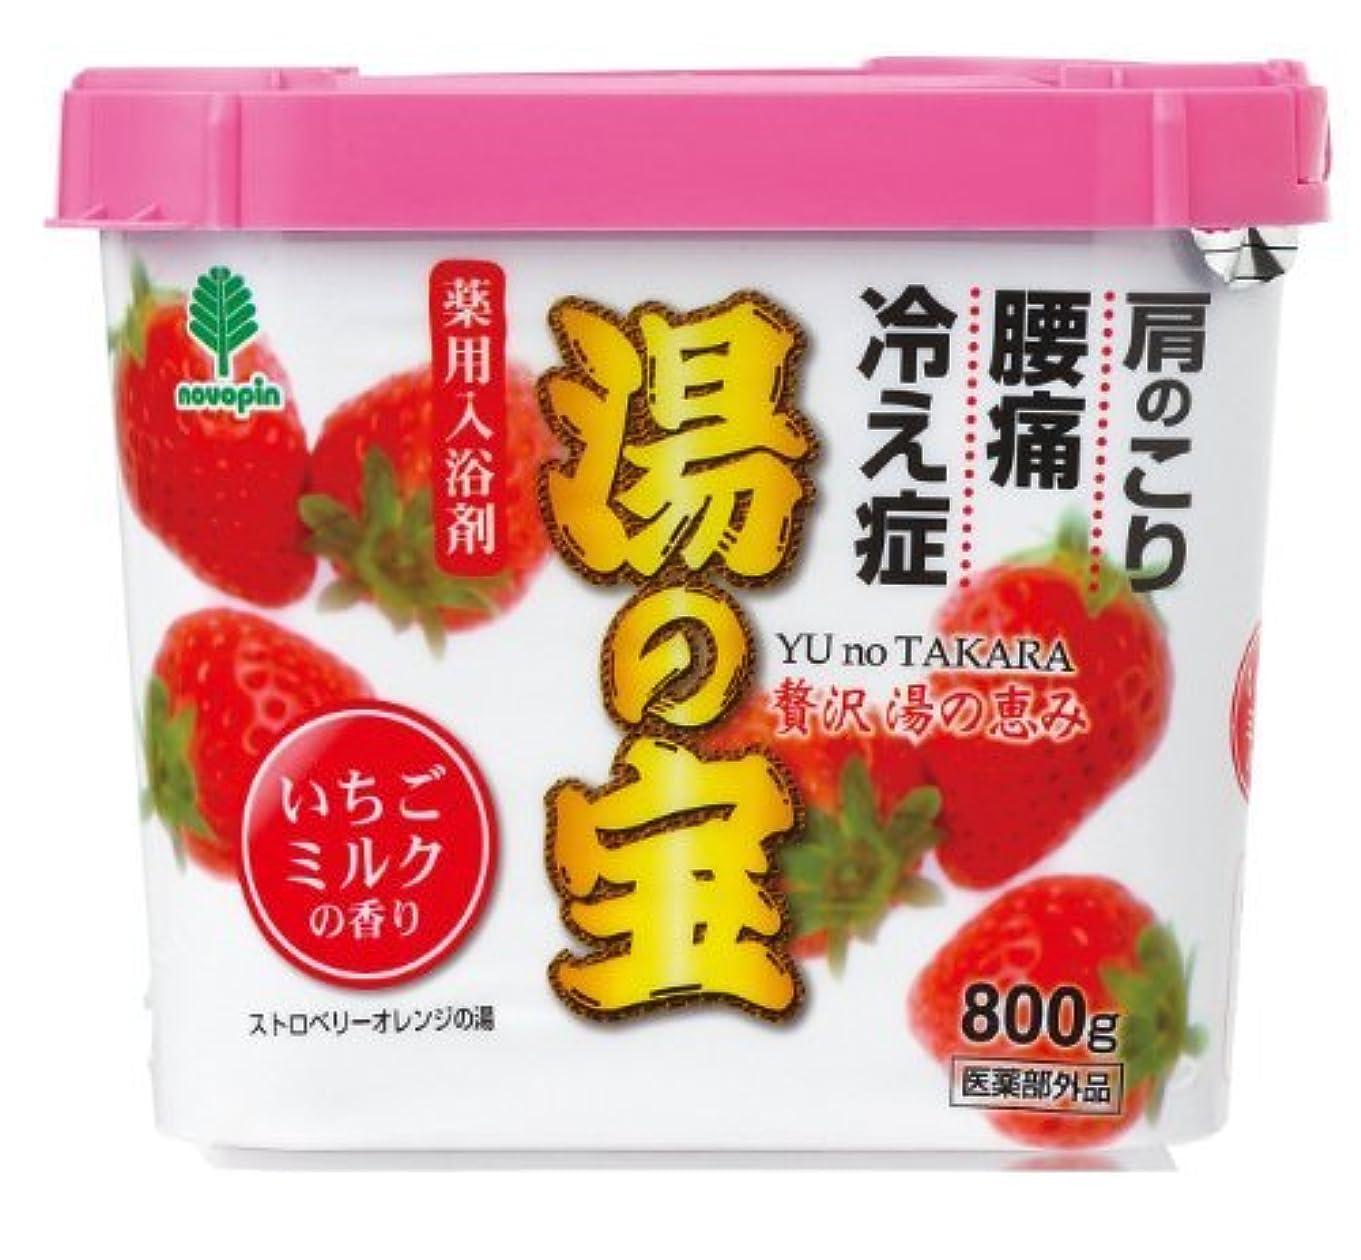 競争大きいリール紀陽除虫菊 湯の宝 いちごミルクの香り 800g【まとめ買い16個セット】 N-0053